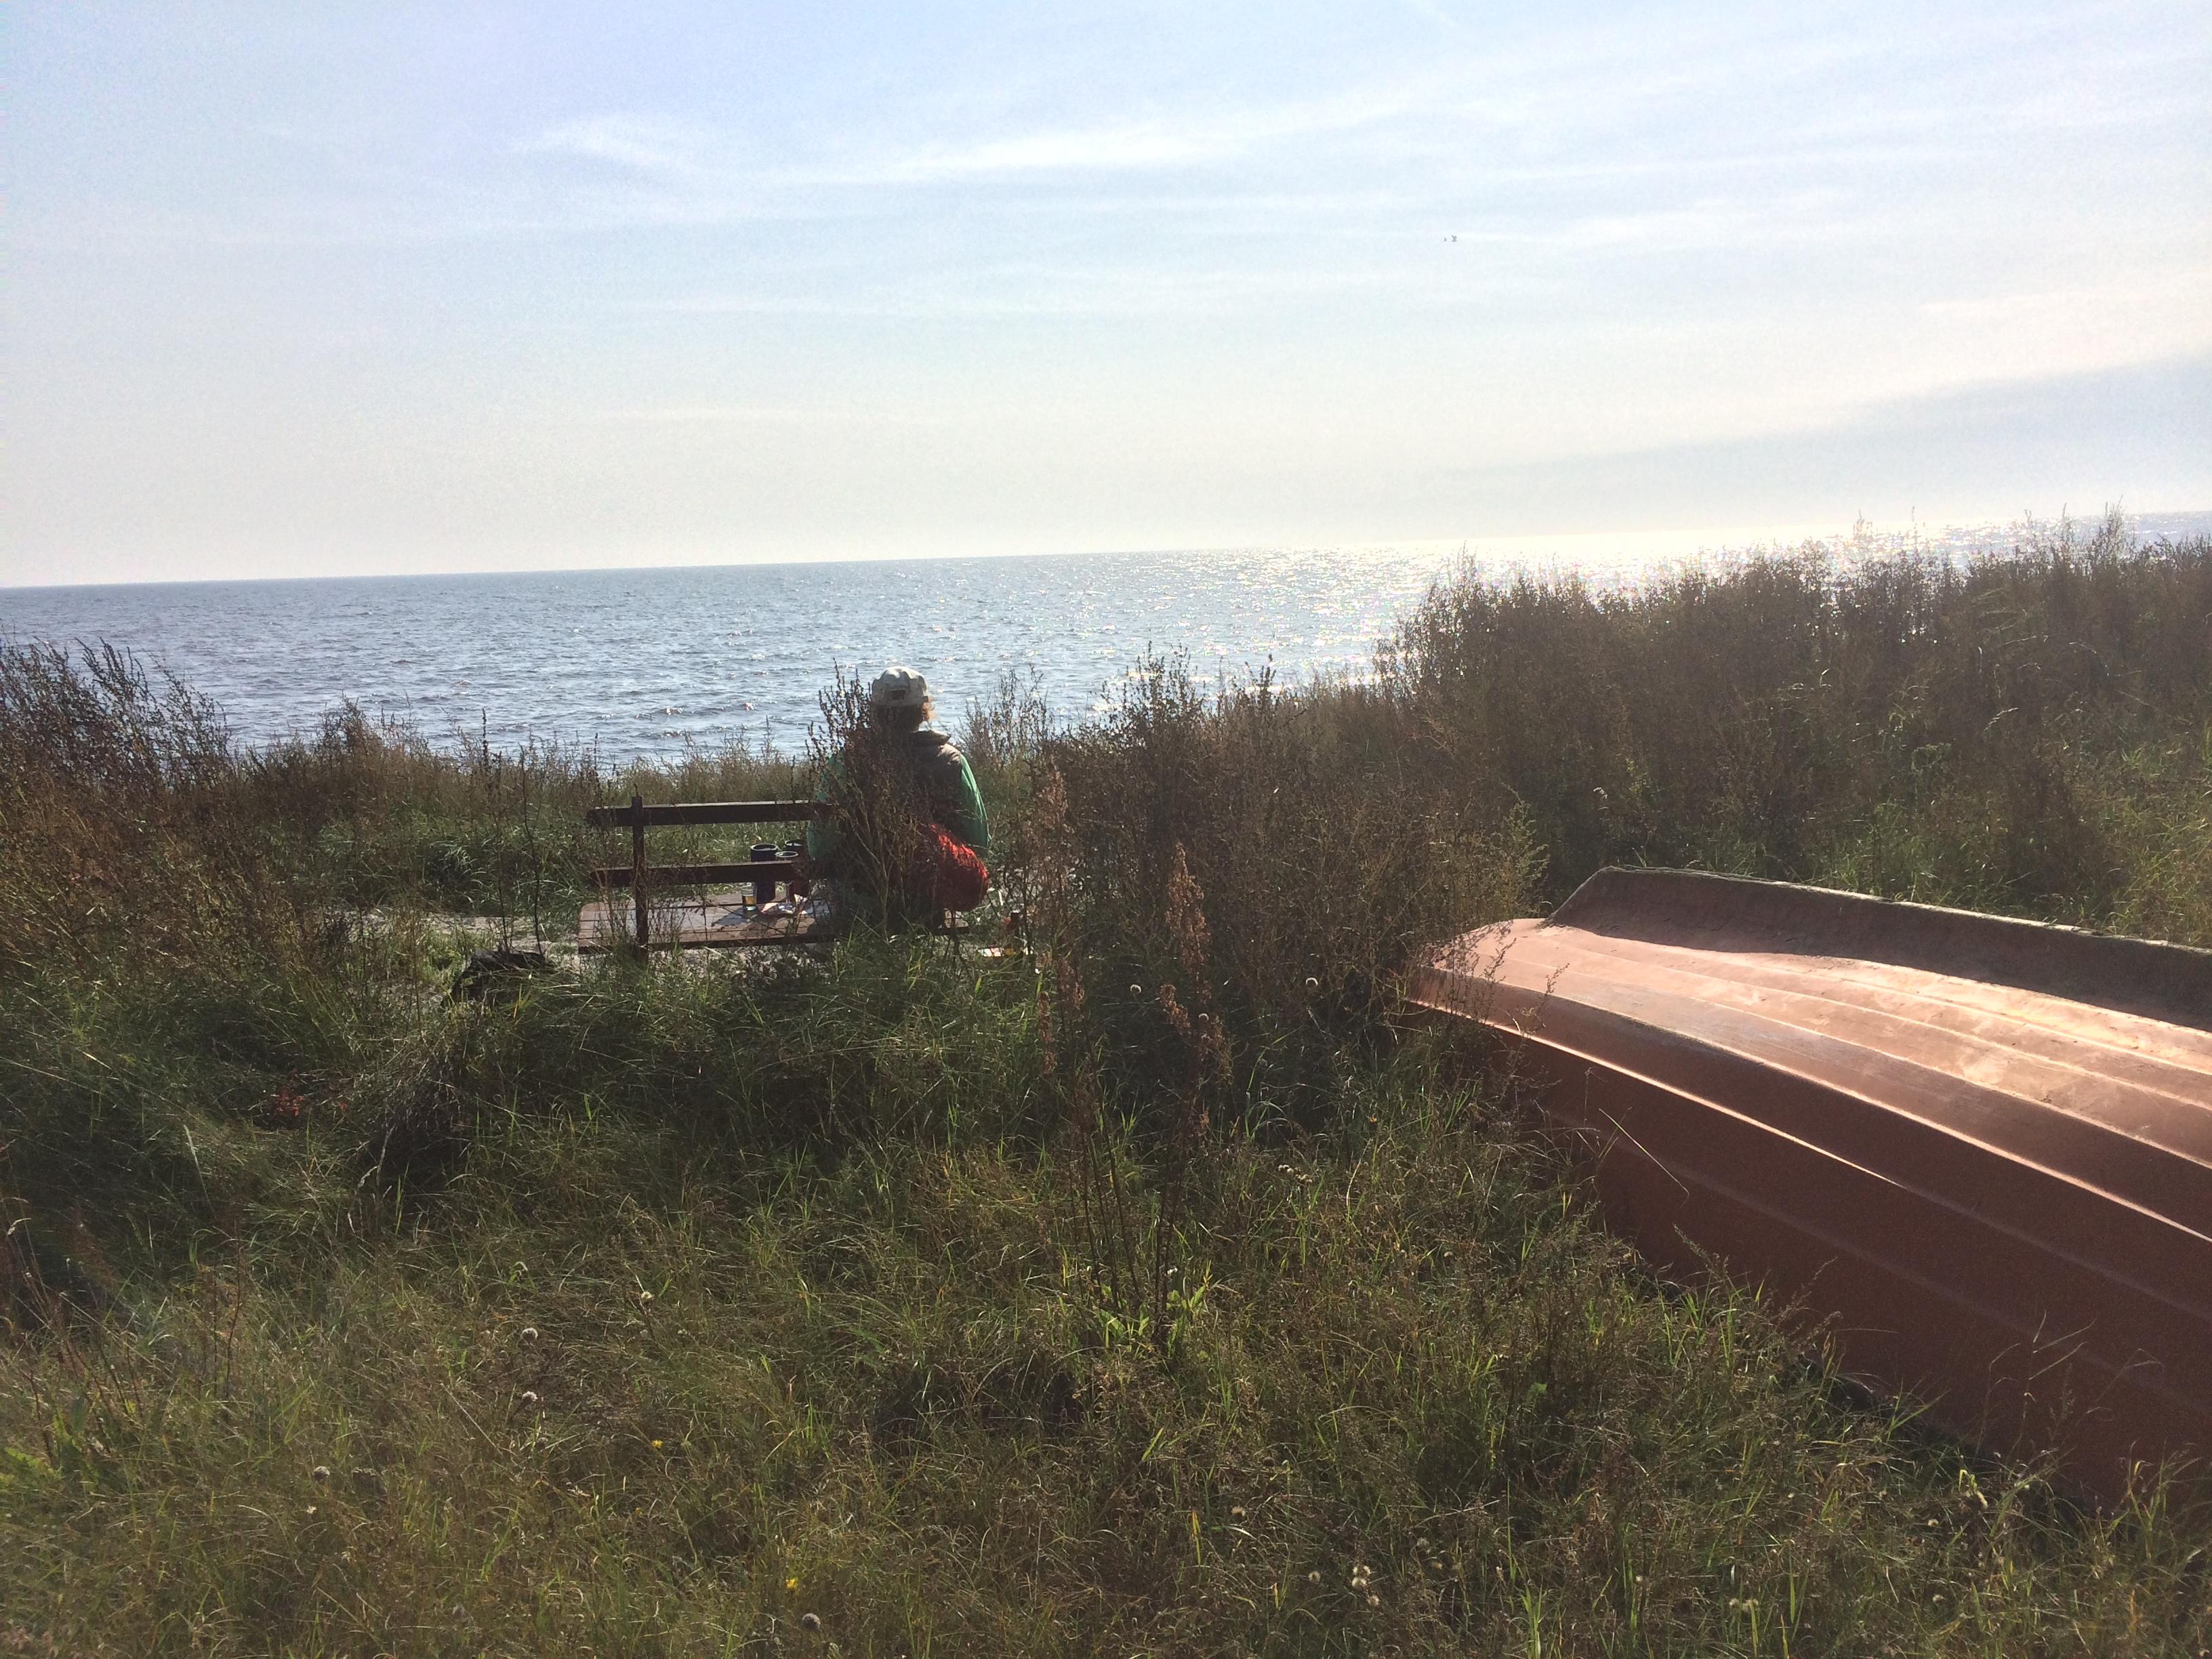 Hrligt boende nra havet. - Houses for Rent in Trelleborg